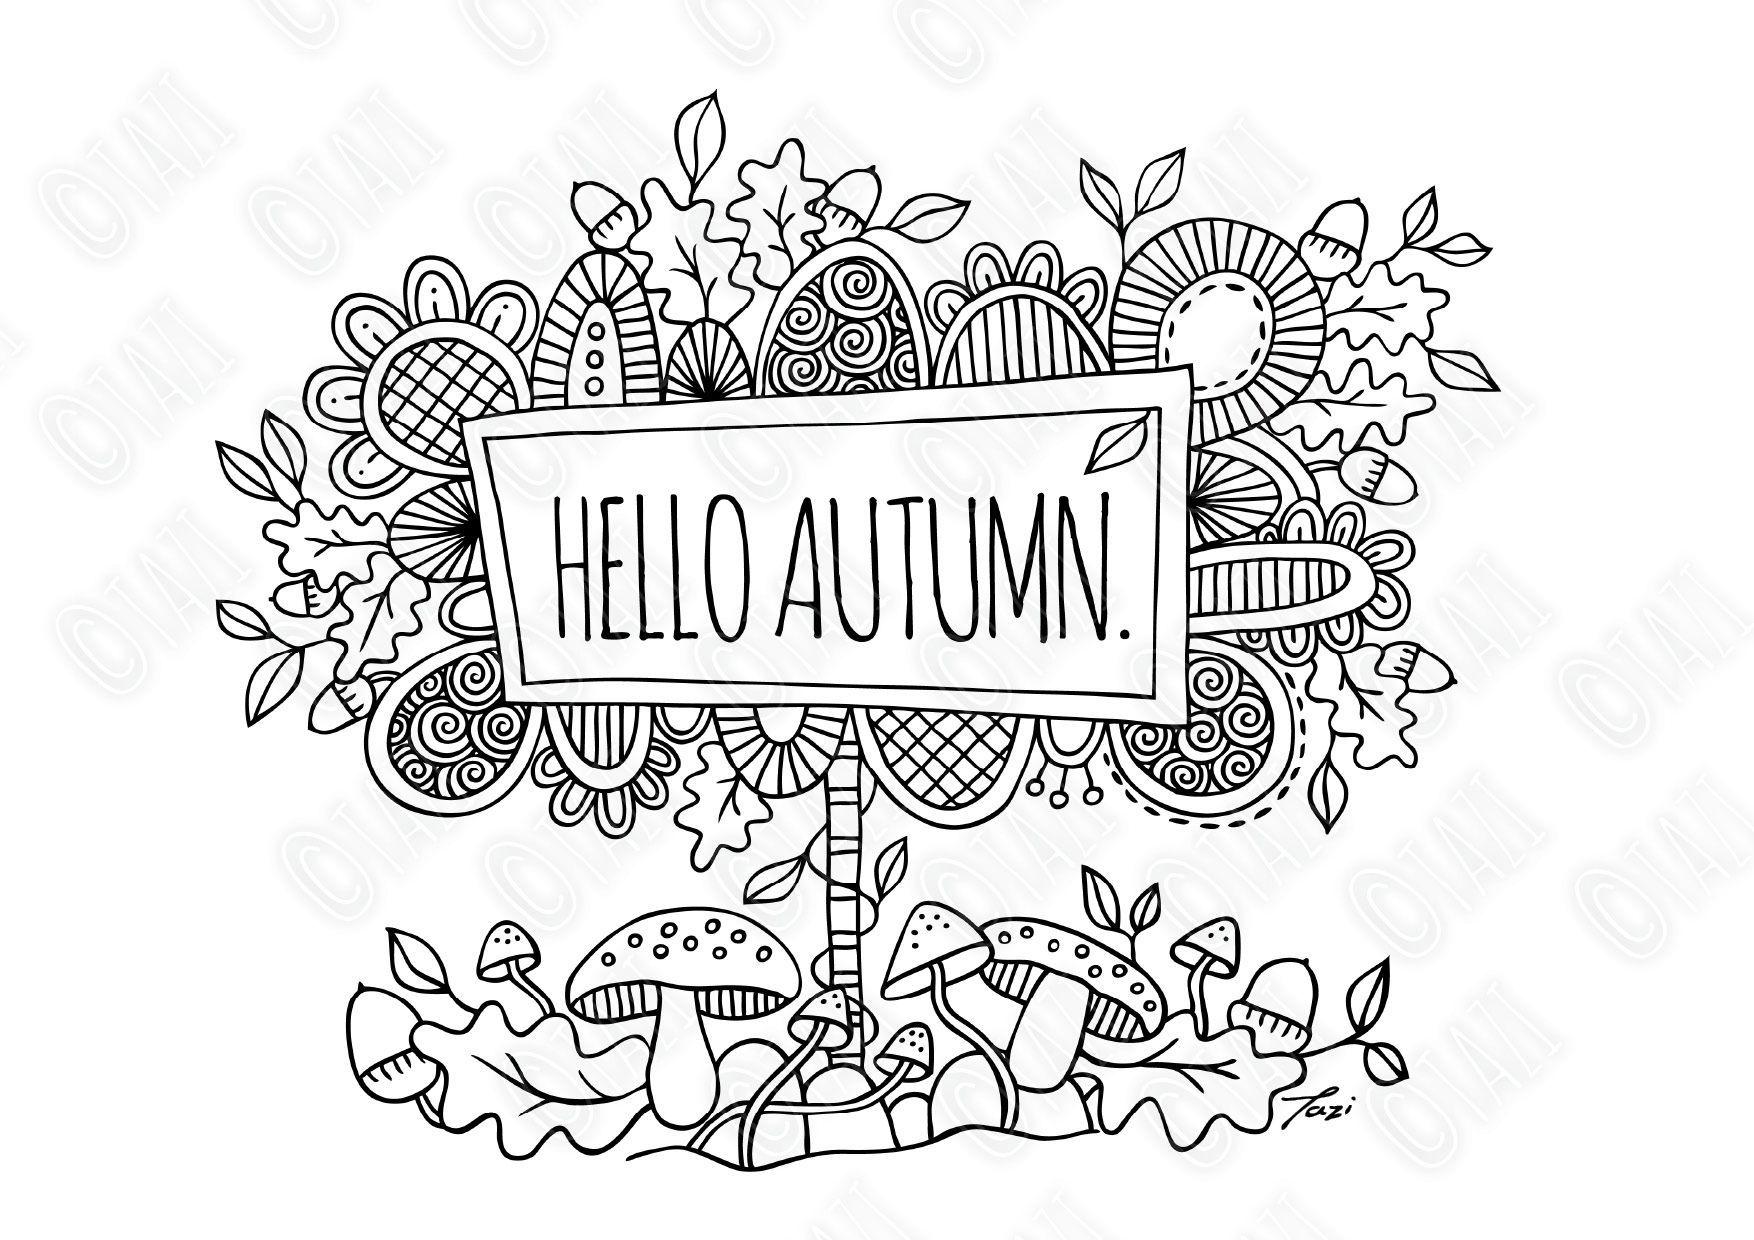 Hello Autumn Colouring Page Tazi Graphics Printables Hello Autumn Coloring Pages Kids Artwork